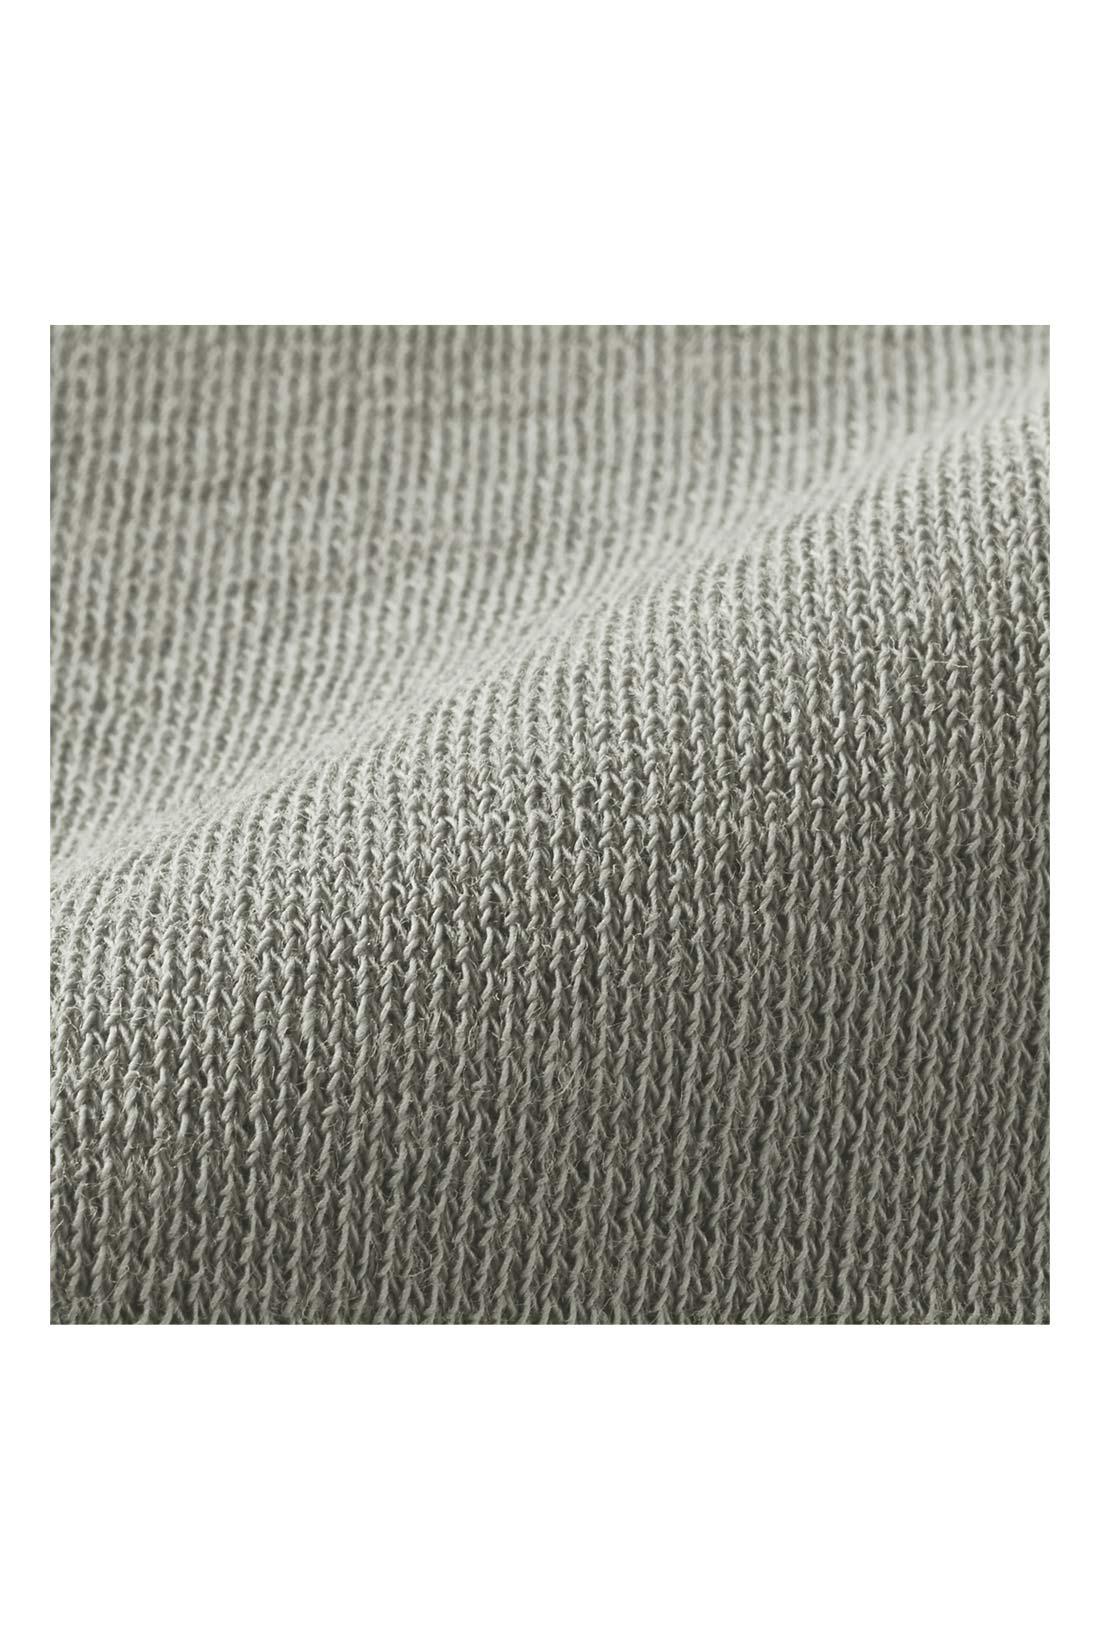 シャリっと心地いい強撚ポンチの上質感 肌心地のやさしい100%コットンの強撚糸で編み立てたカットソーポンチ素材は、シャリっとさわやか。ほどよい厚みと張りが上質感のある印象で、透けにくいのも着やすさの理由です。